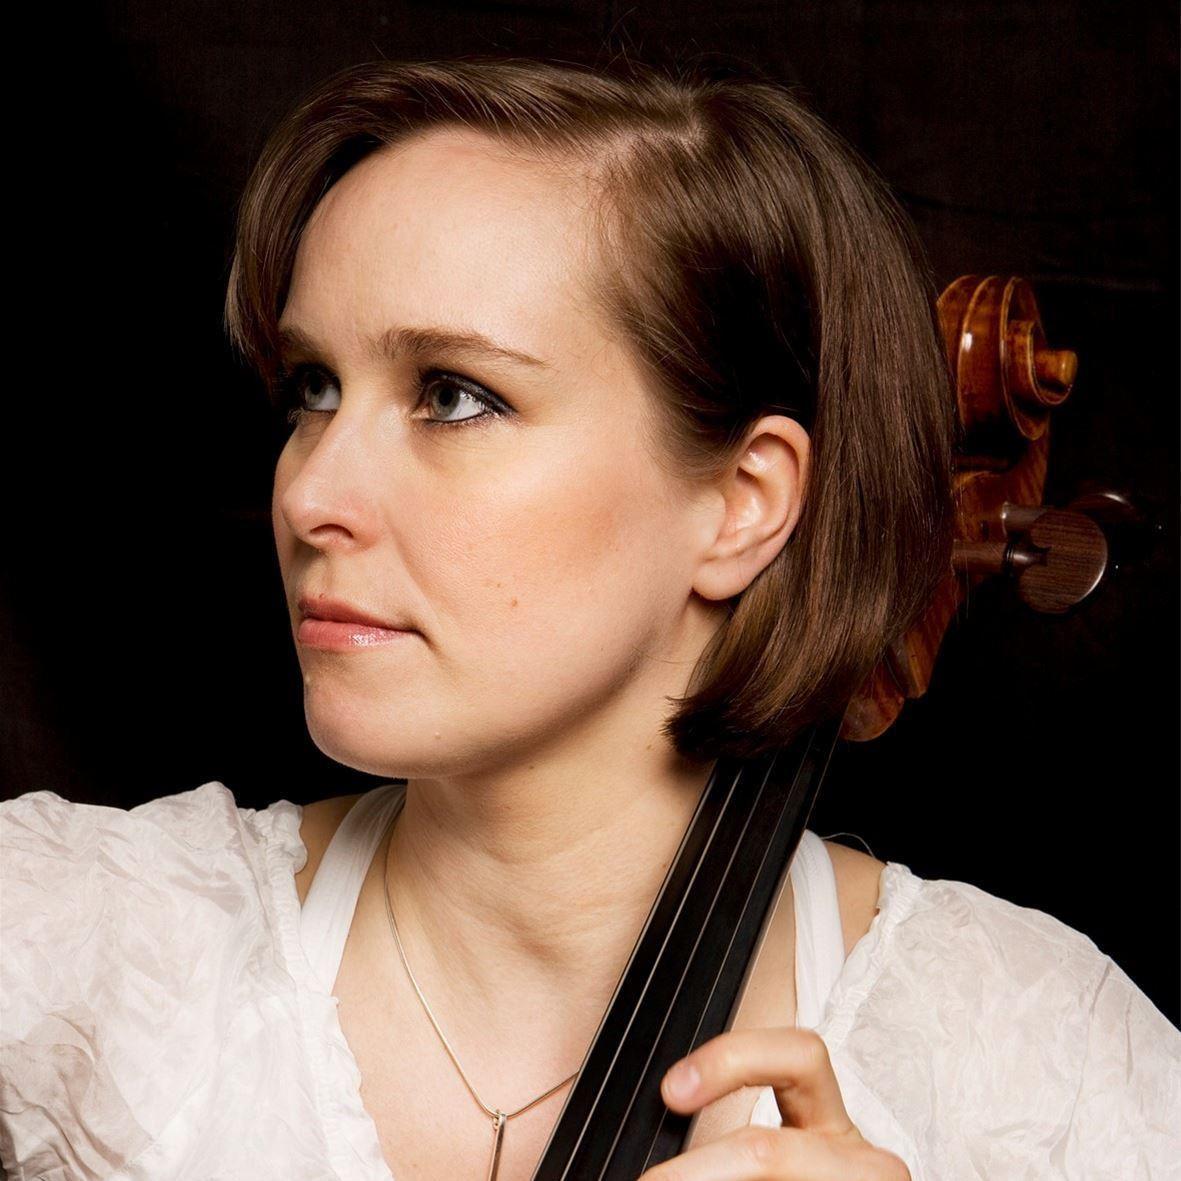 Solistkonsert - Astrid Lindell Borlänge Orkesterförening